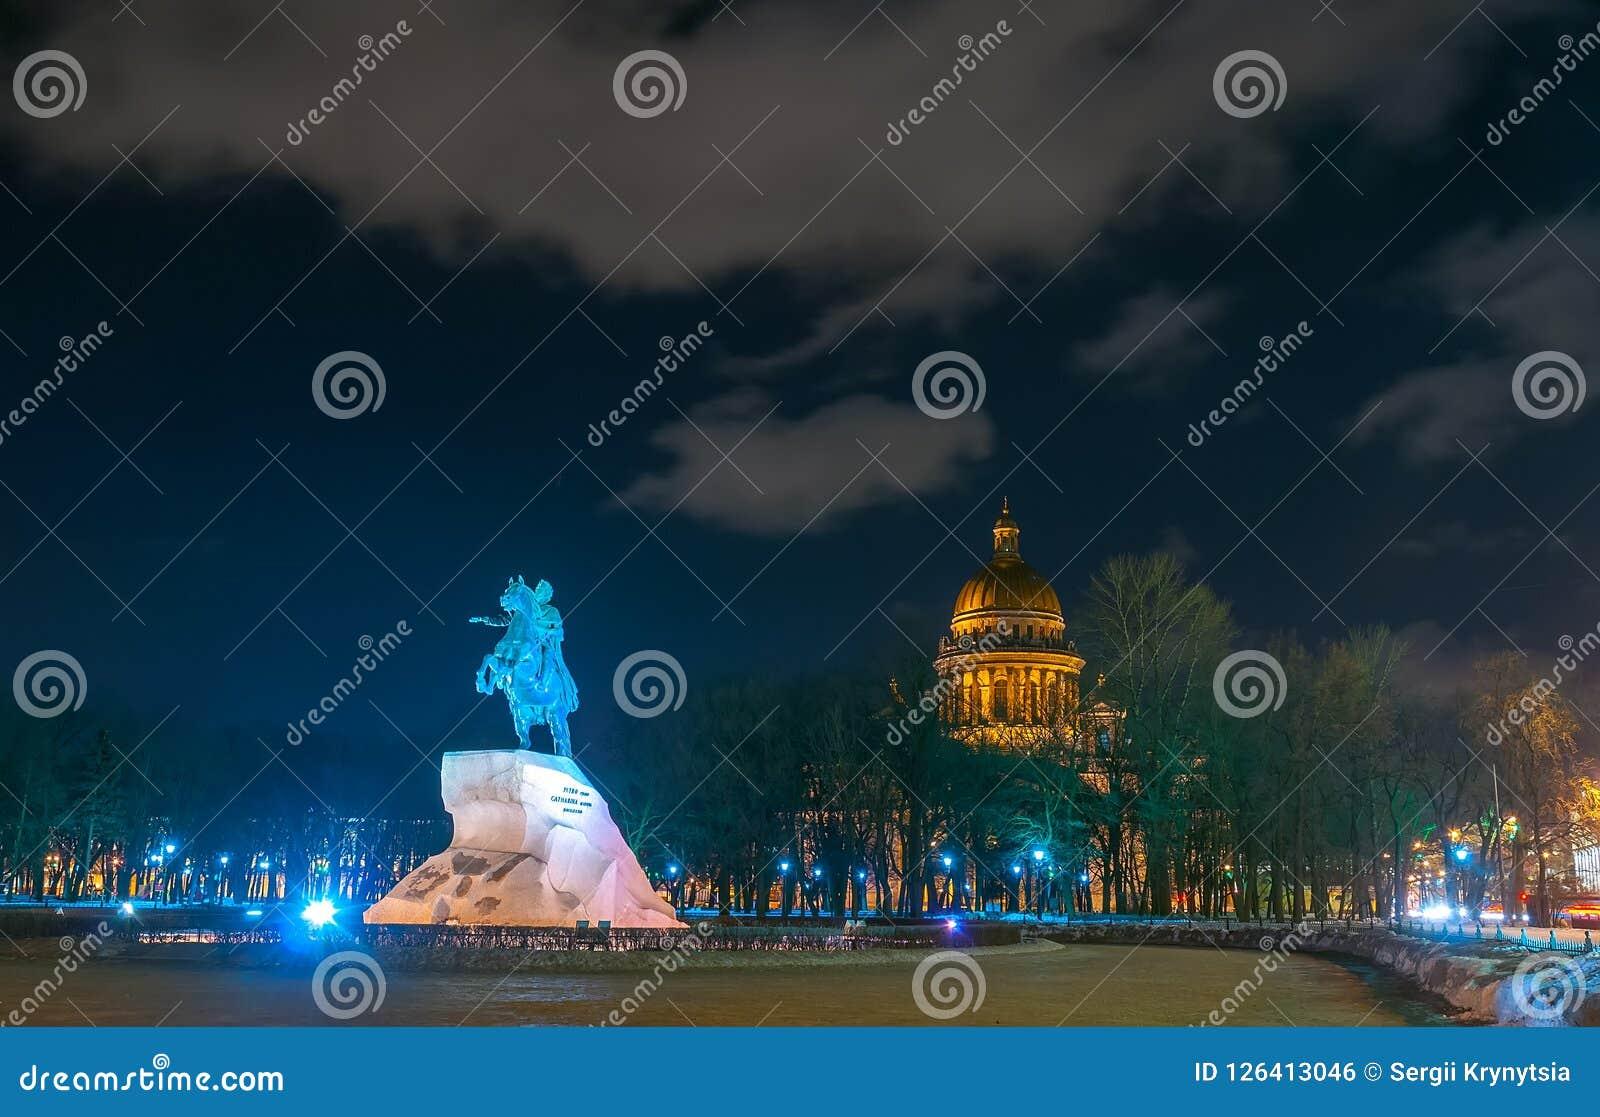 Φυσικό nightscape του μνημείου του ρωσικού αυτοκράτορα Μέγας Πέτρος και ST Isaac Cathedral σε Άγιο Πετρούπολη, Ρωσία